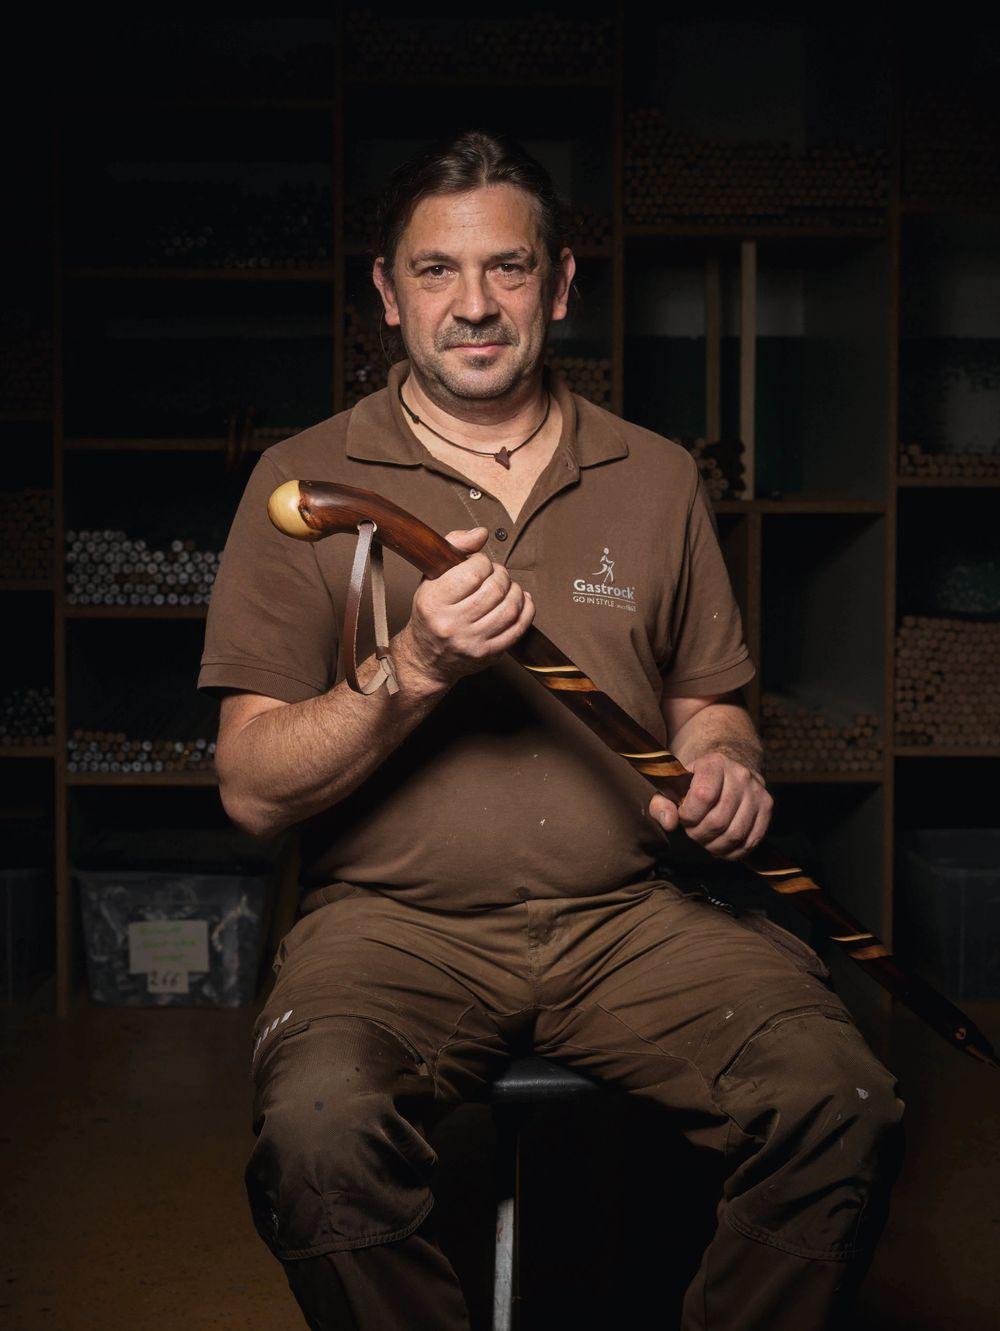 Ludger Klingebiel, Facharbeiter für Metallstockverarbeitung